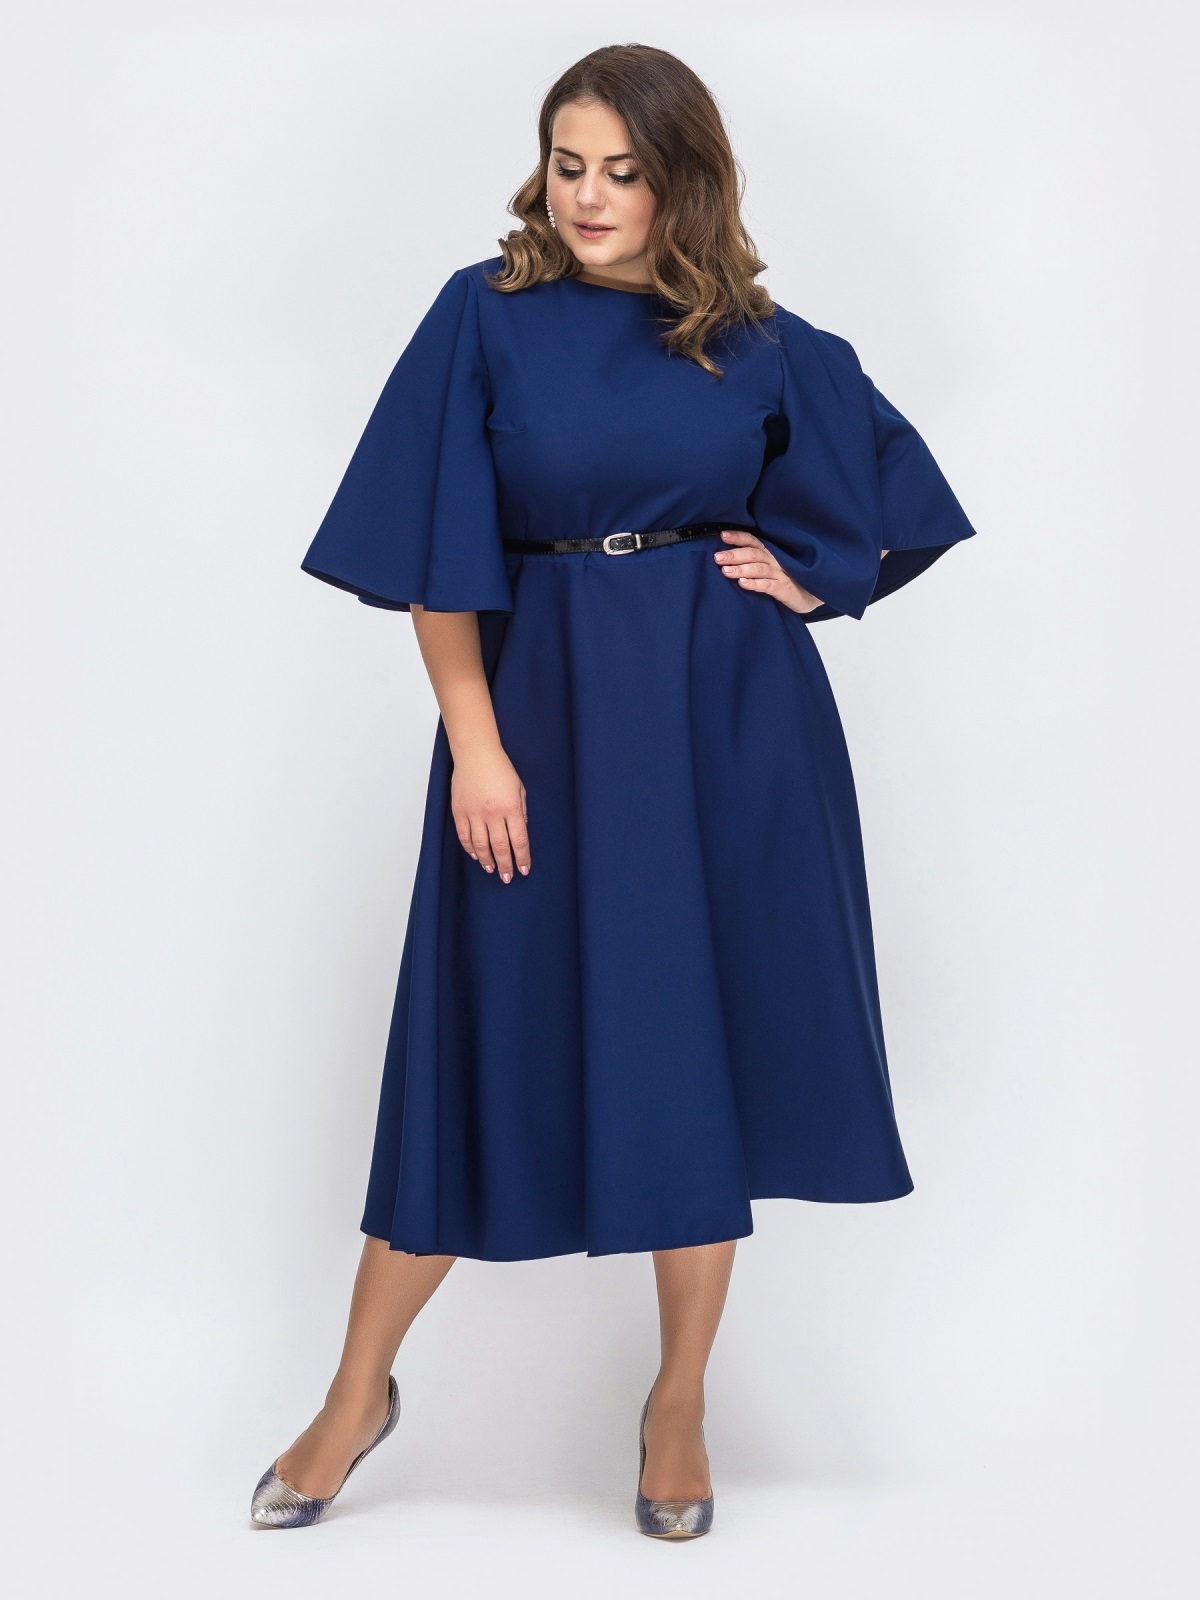 Як вибрати ідеальну сукню великого розміру 2